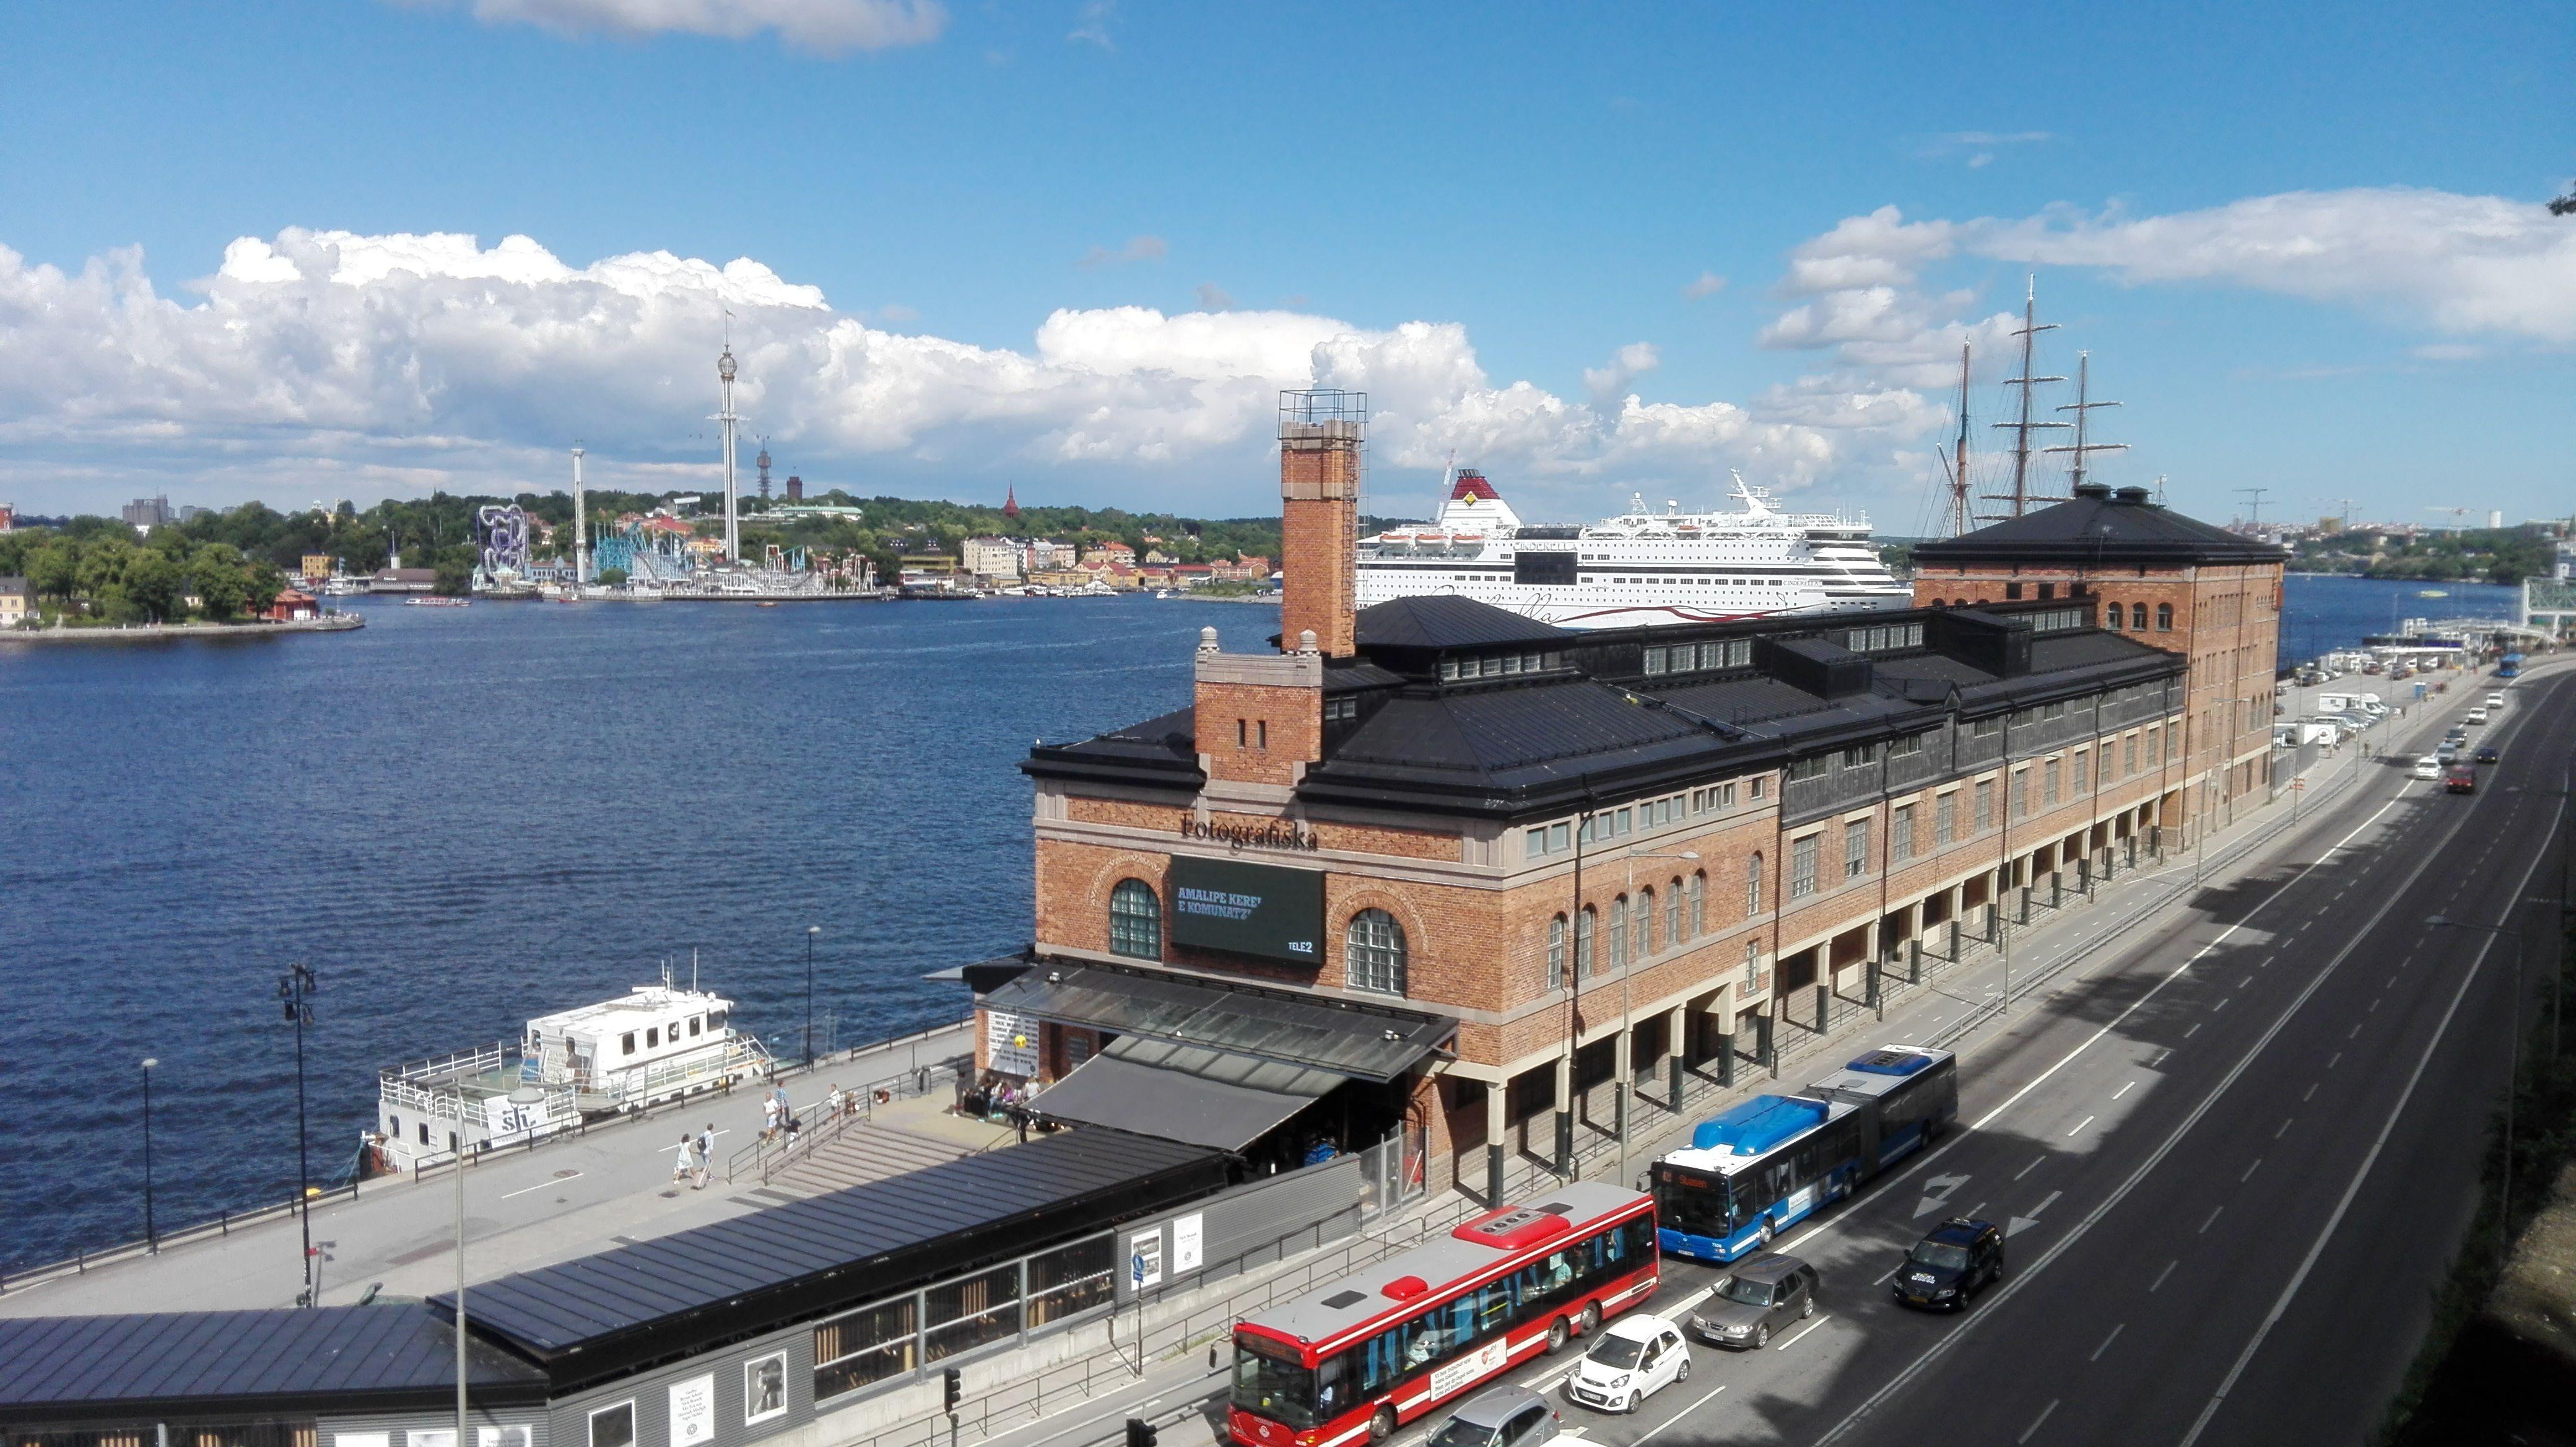 Stockholm  Fotografiska museet